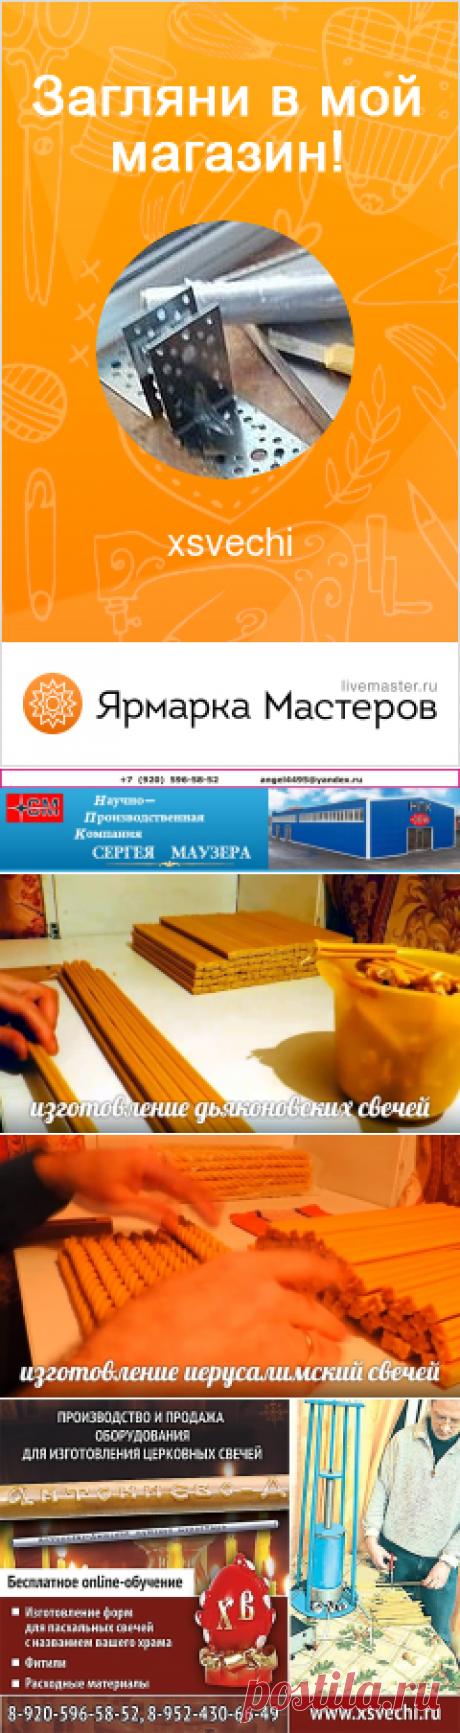 """Интернет-магазин """"Формы для отлива свечей  Сергей Маузер """""""